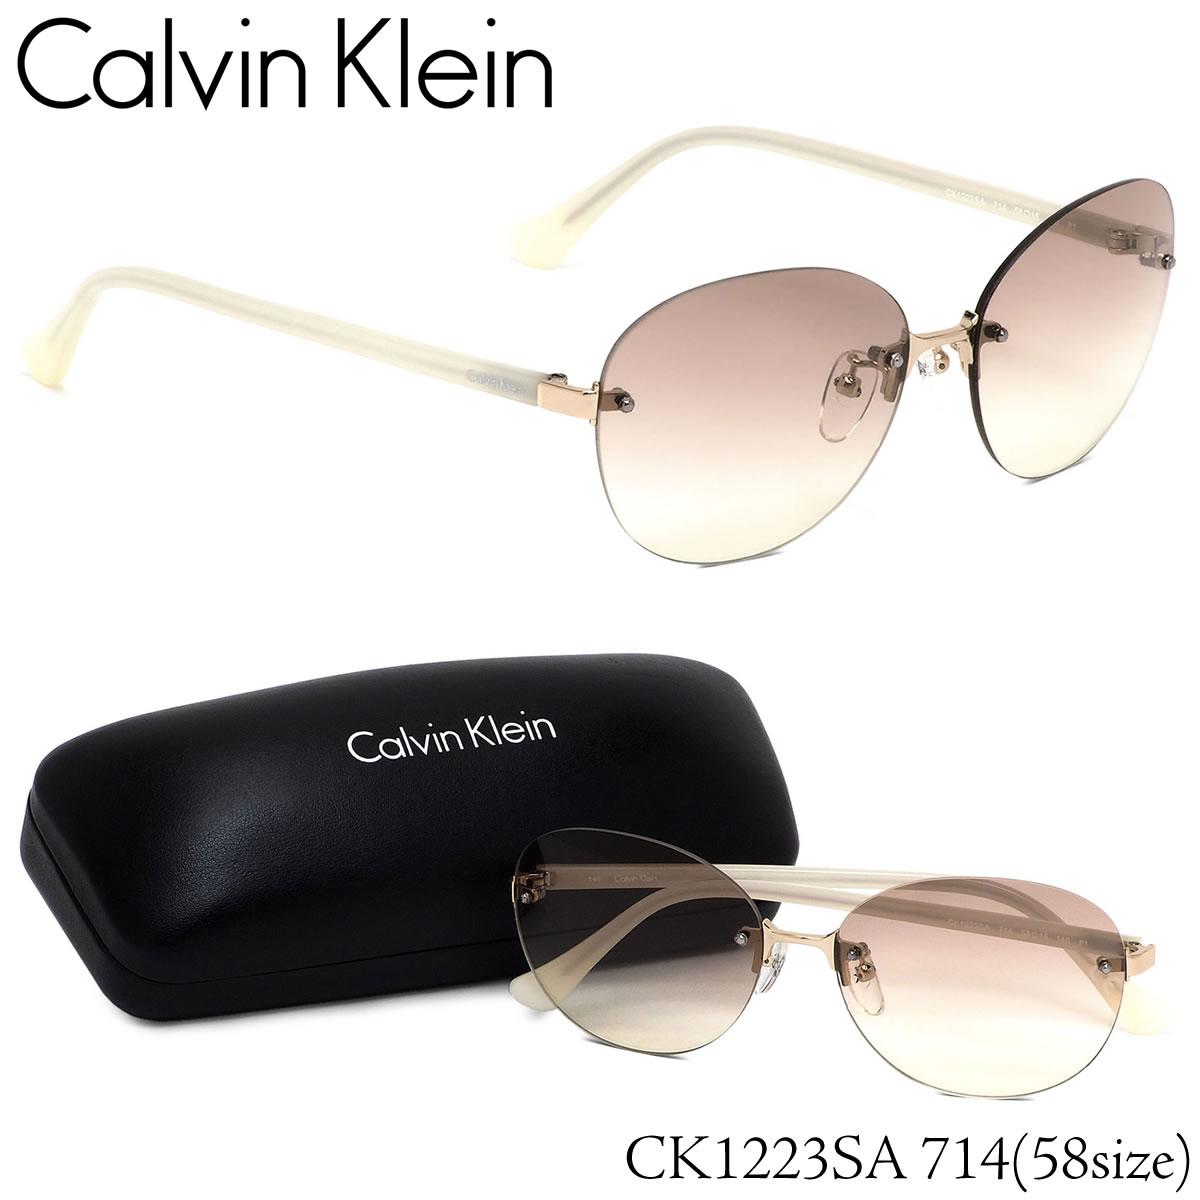 ポイント最大41倍 お得なクーポンも ■ 月間優良ショップ ■ カルバンクライン Calvin Klein サングラスCK1223SA 714 58サイズCK ツーポイント ラウンド カルバンクライン CalvinKlein メンズ レディース